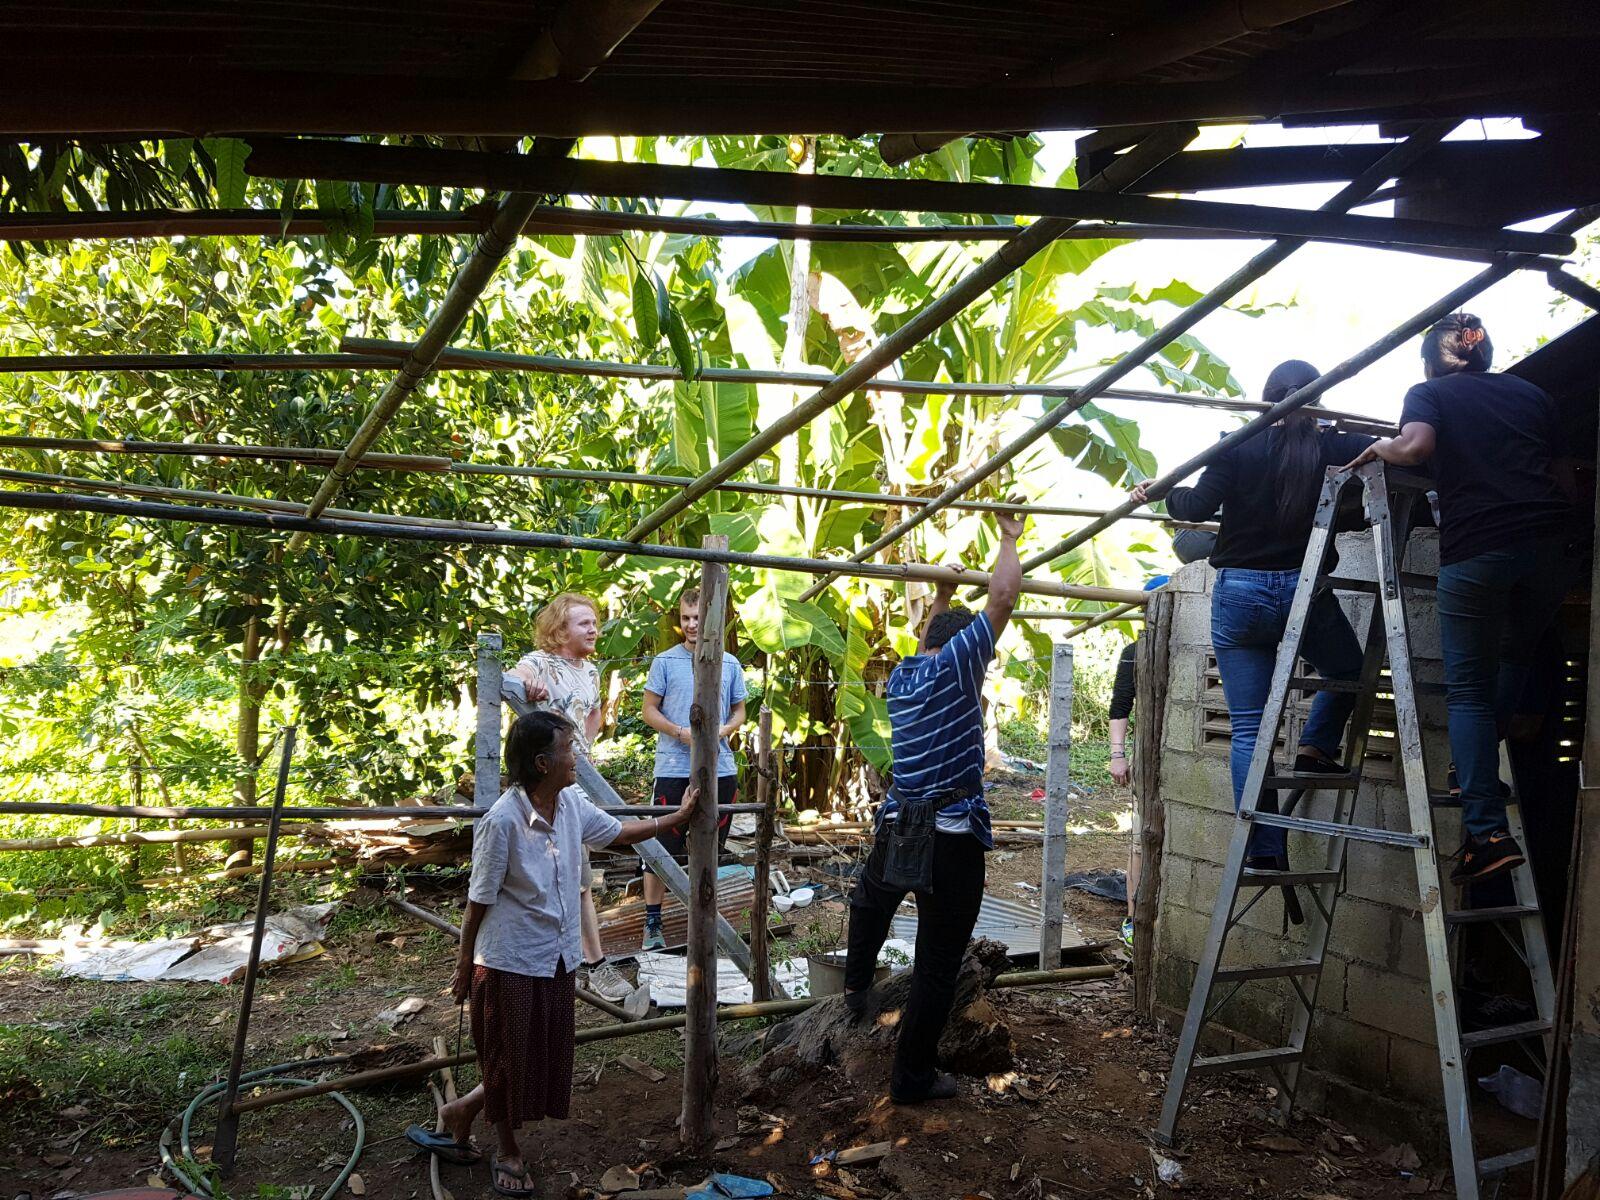 Osa porukastamme pääsi käytännön hommiin kunnostamaan erään vanhemman rouvan taloa.